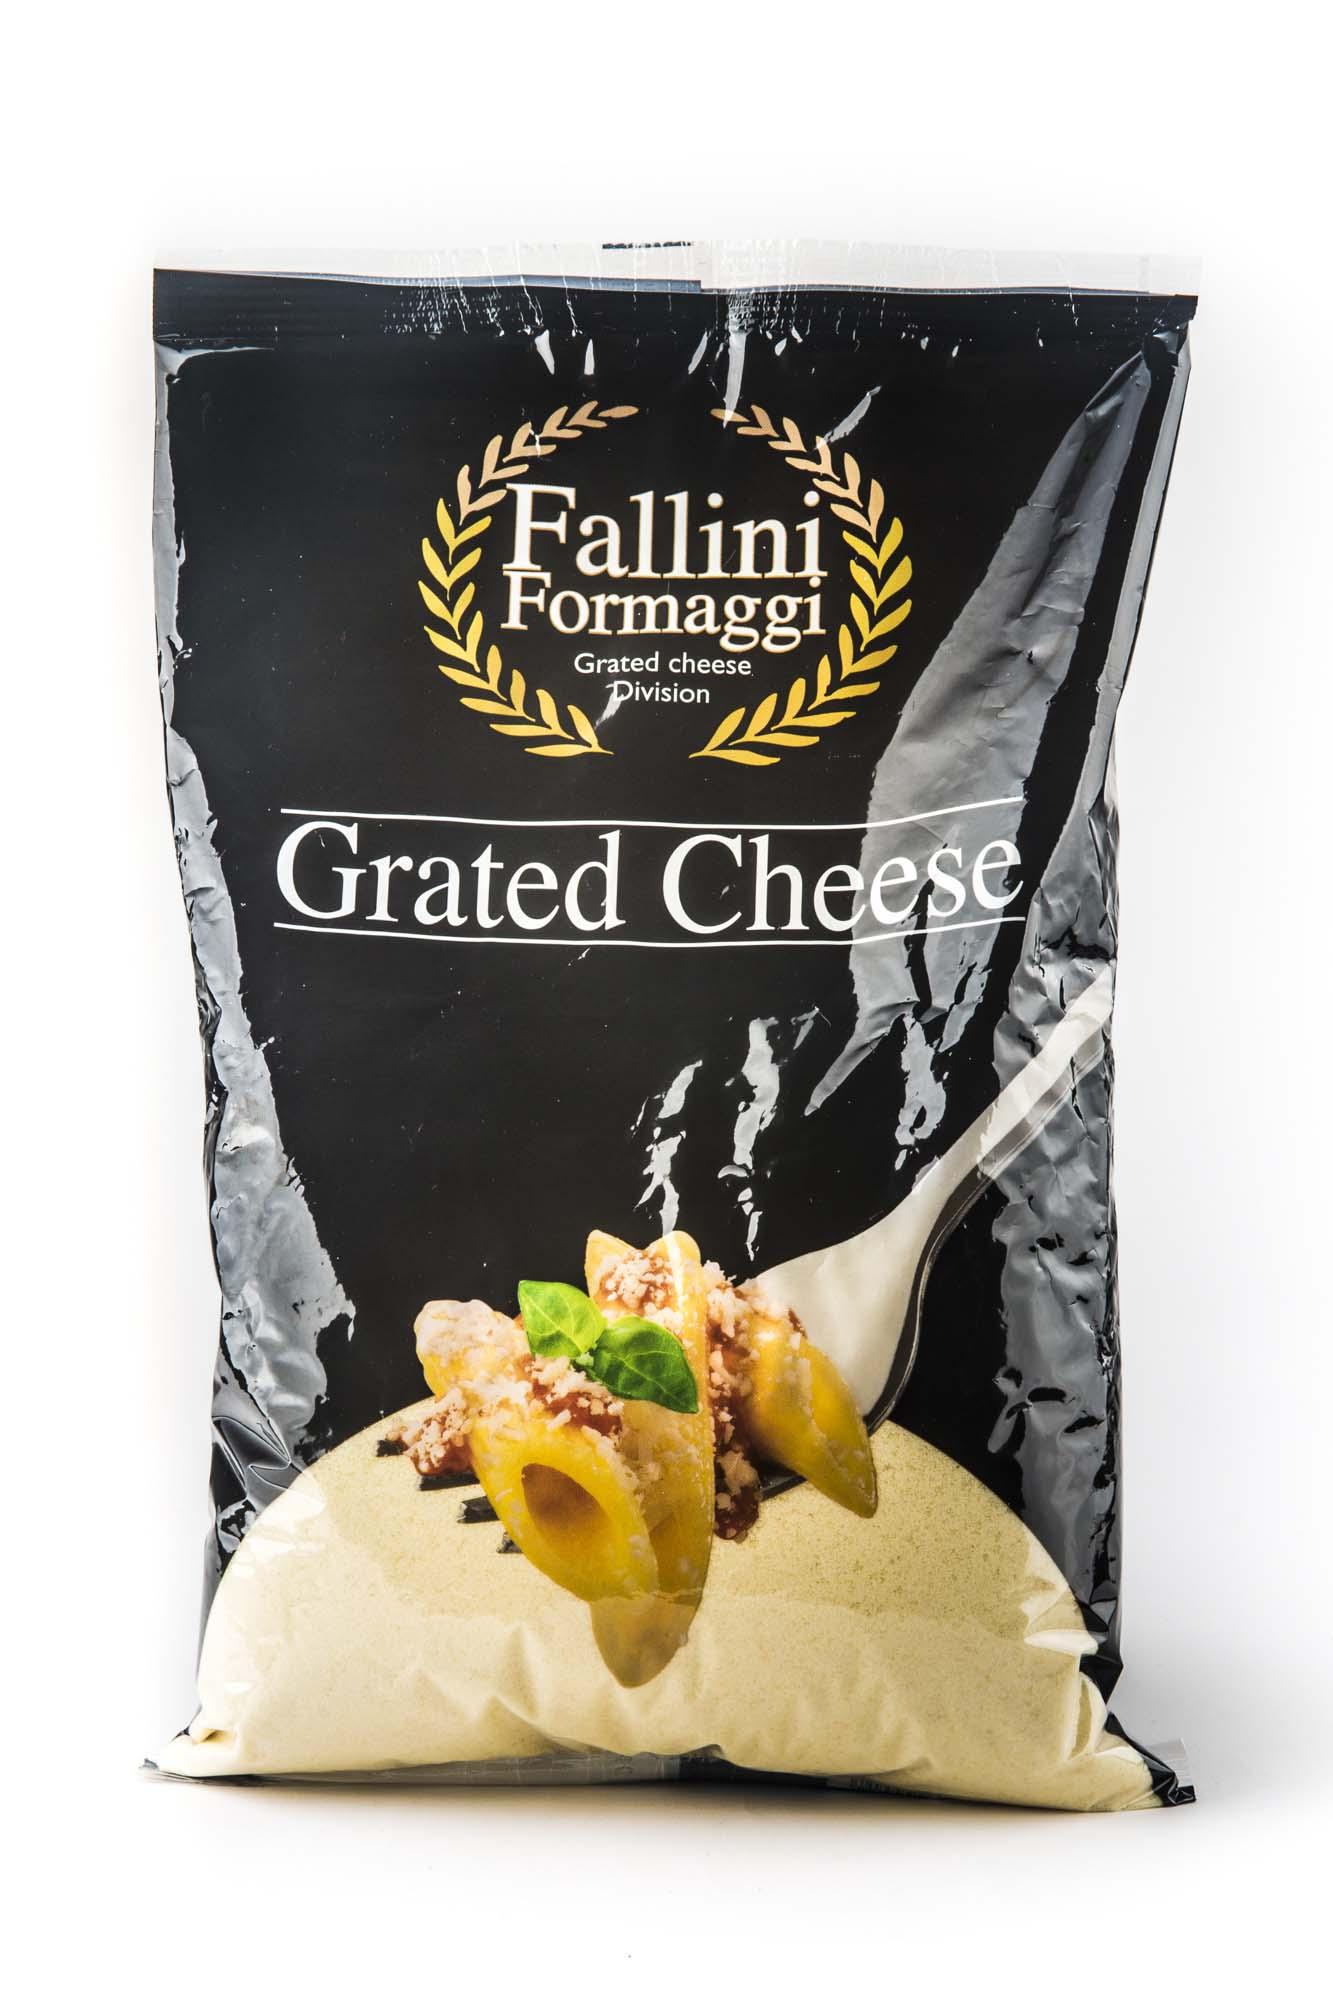 Busta da 100gr di formaggio grattuggiato - Fallini Formaggi